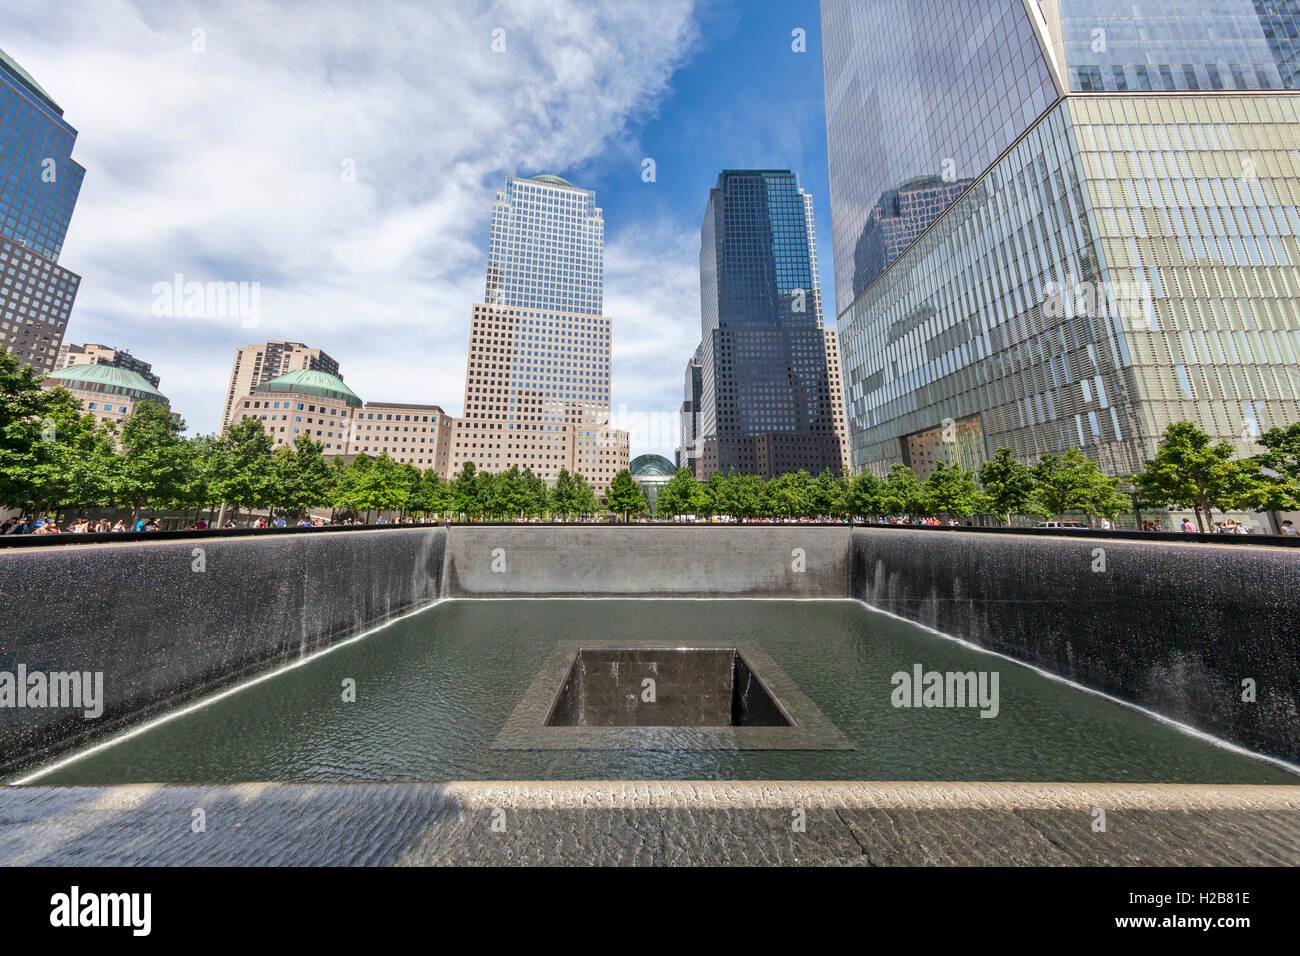 Vista de la piscina, la piscina reflectante del norte, y la Torre de la libertad en Ground Zero. Imagen De Stock